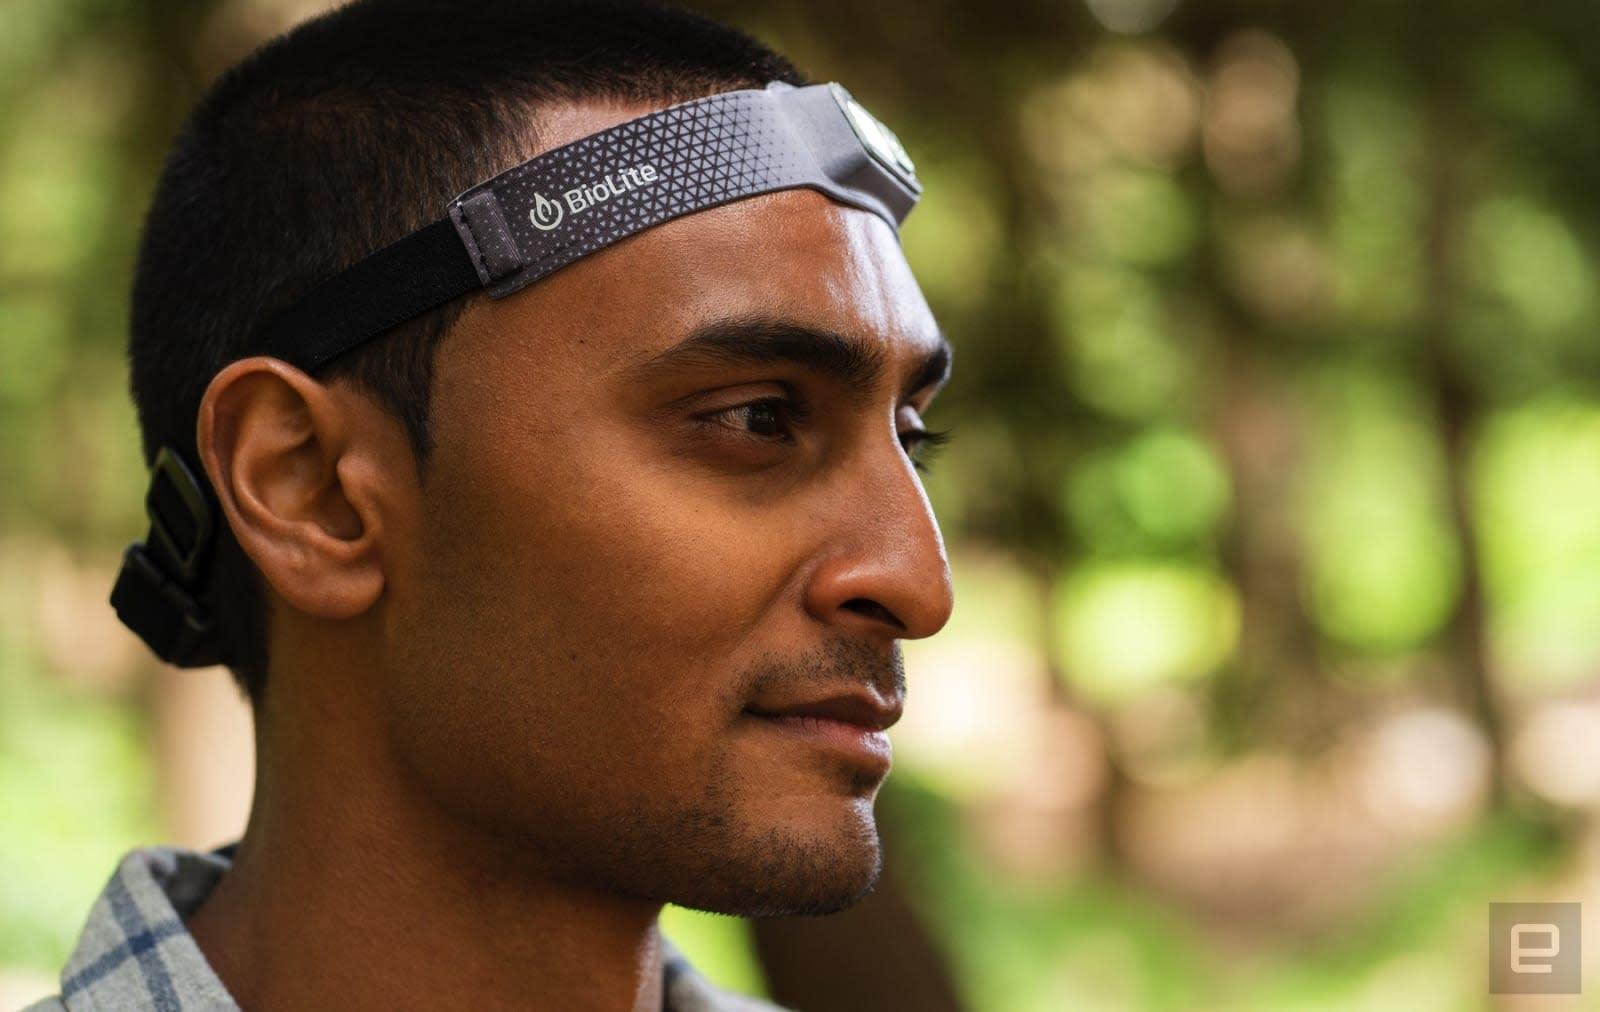 BioLite'ın HeadLamp 330'u şimdiye kadarki en düşük fiyatı olan $40 ile listeleniyor | Engadget